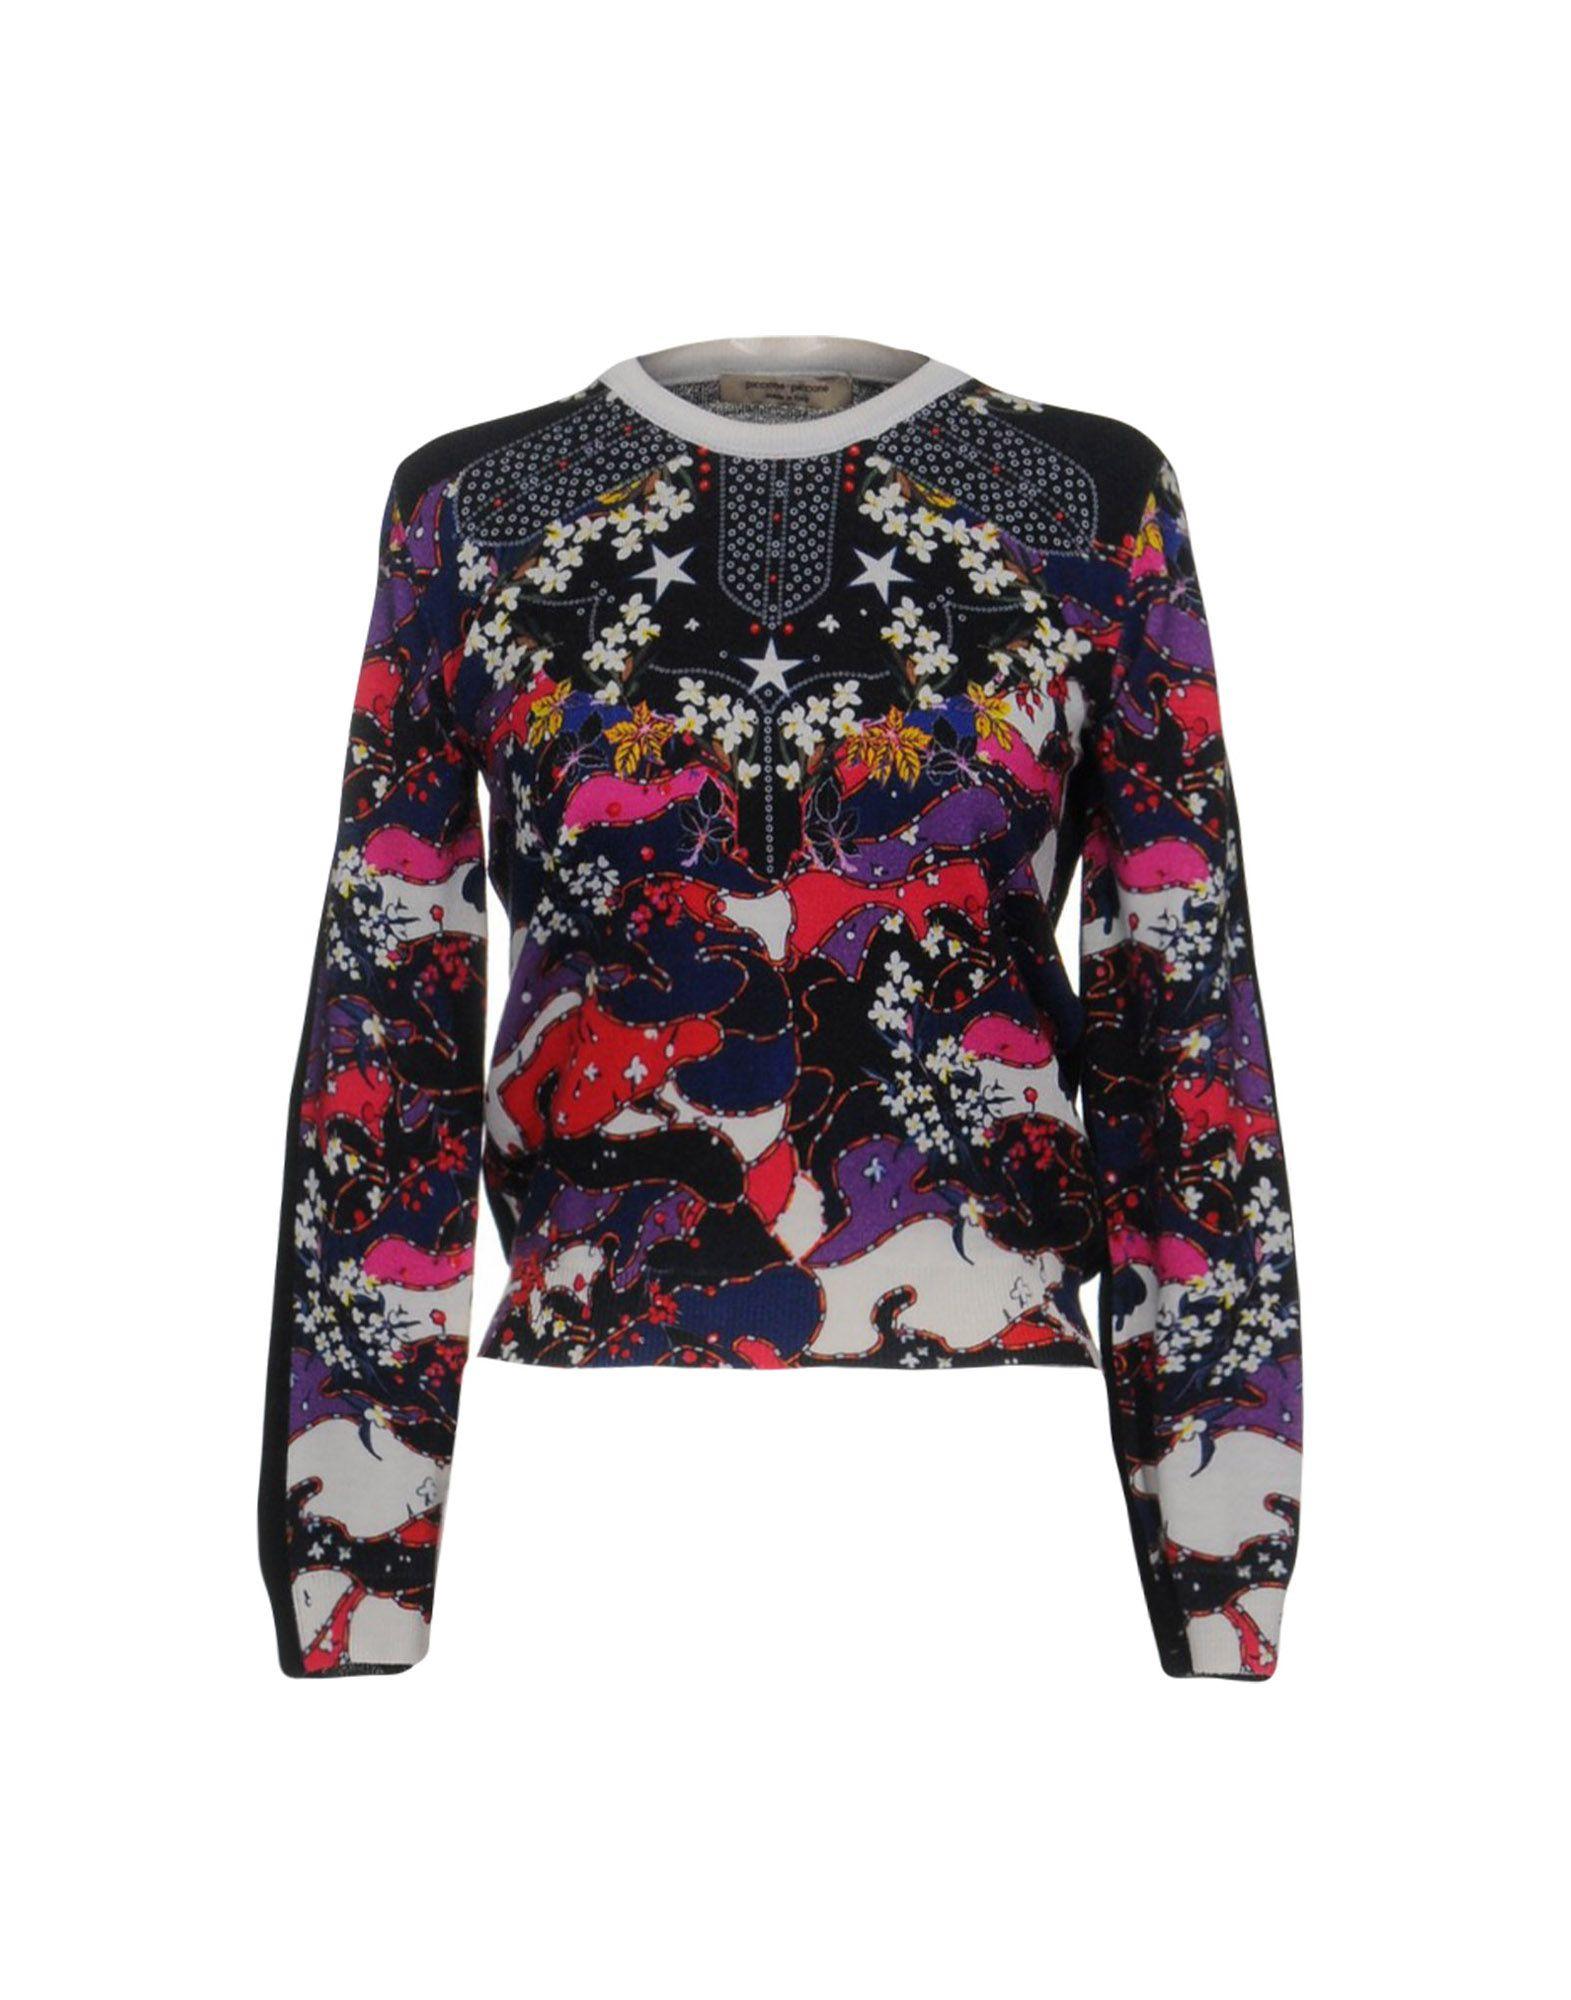 PICCIONE.PICCIONE Sweater in Black